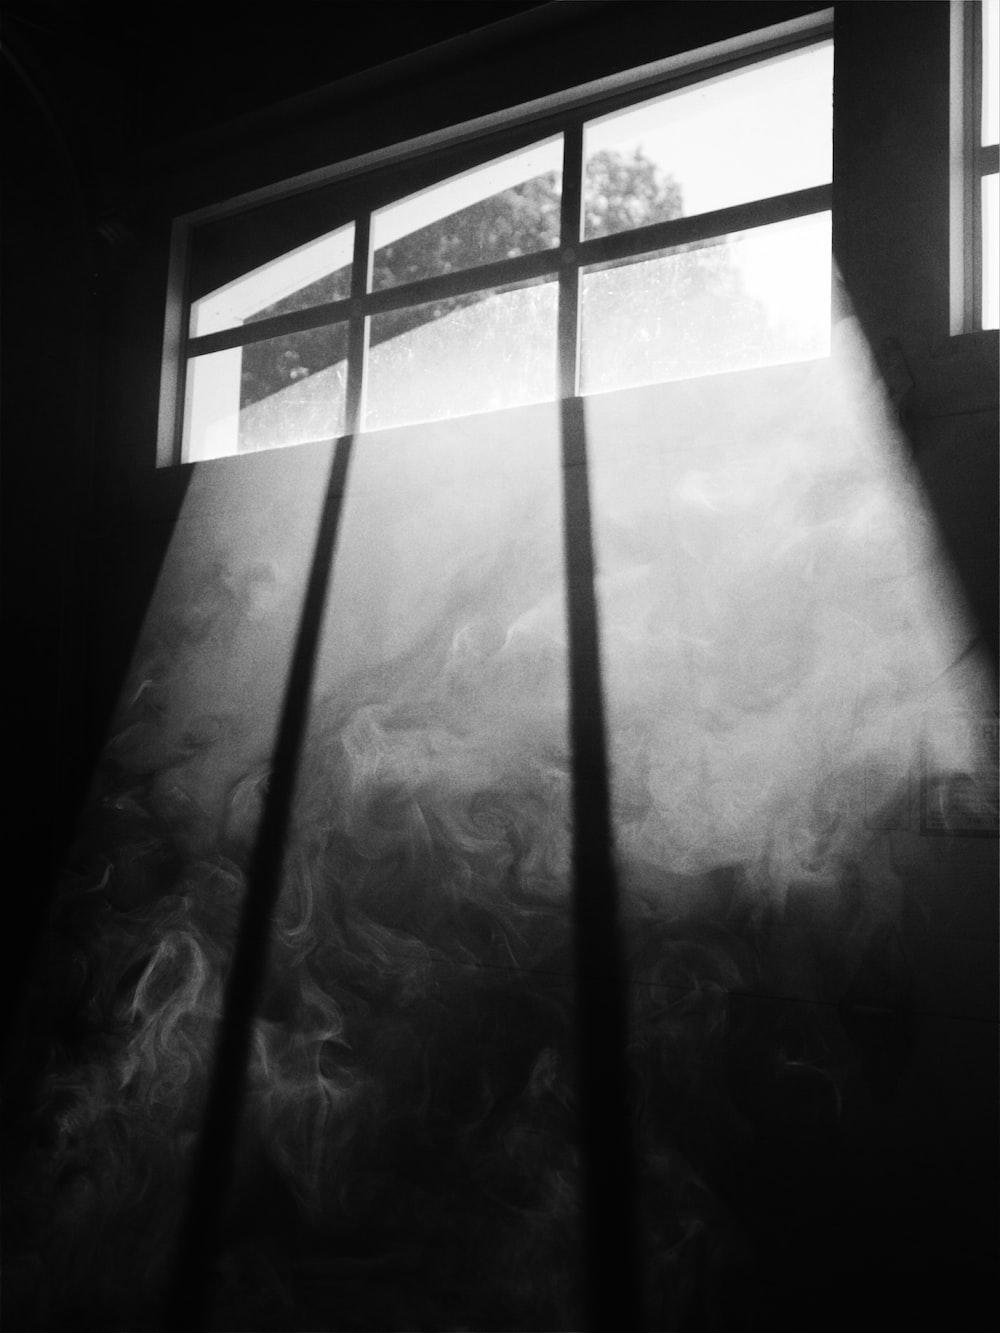 white windowpane during daytime